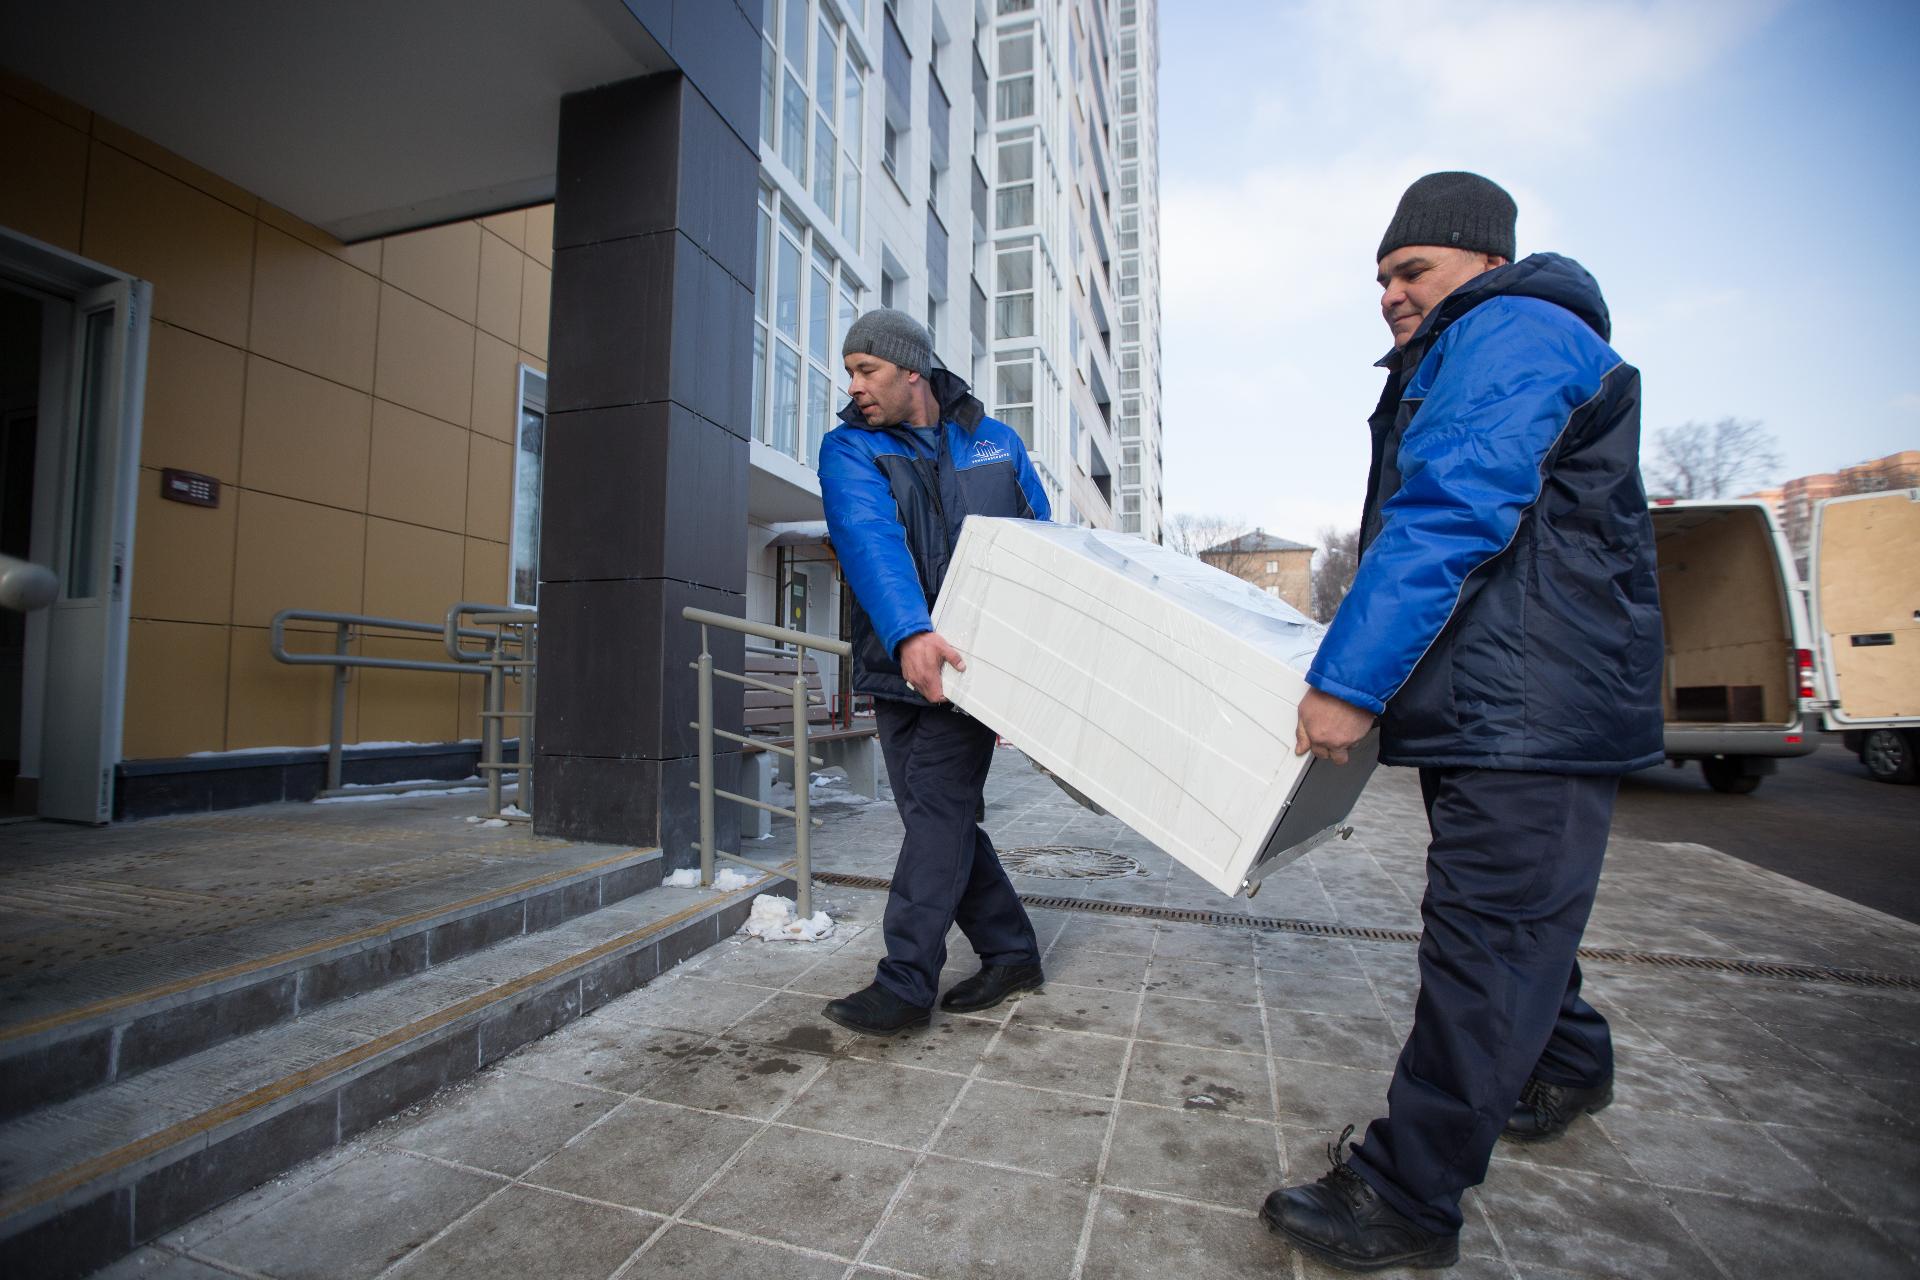 Публичные слушания в рамках программы всероссийской реновациипредусмотрены, но ограничены только территорией проектов